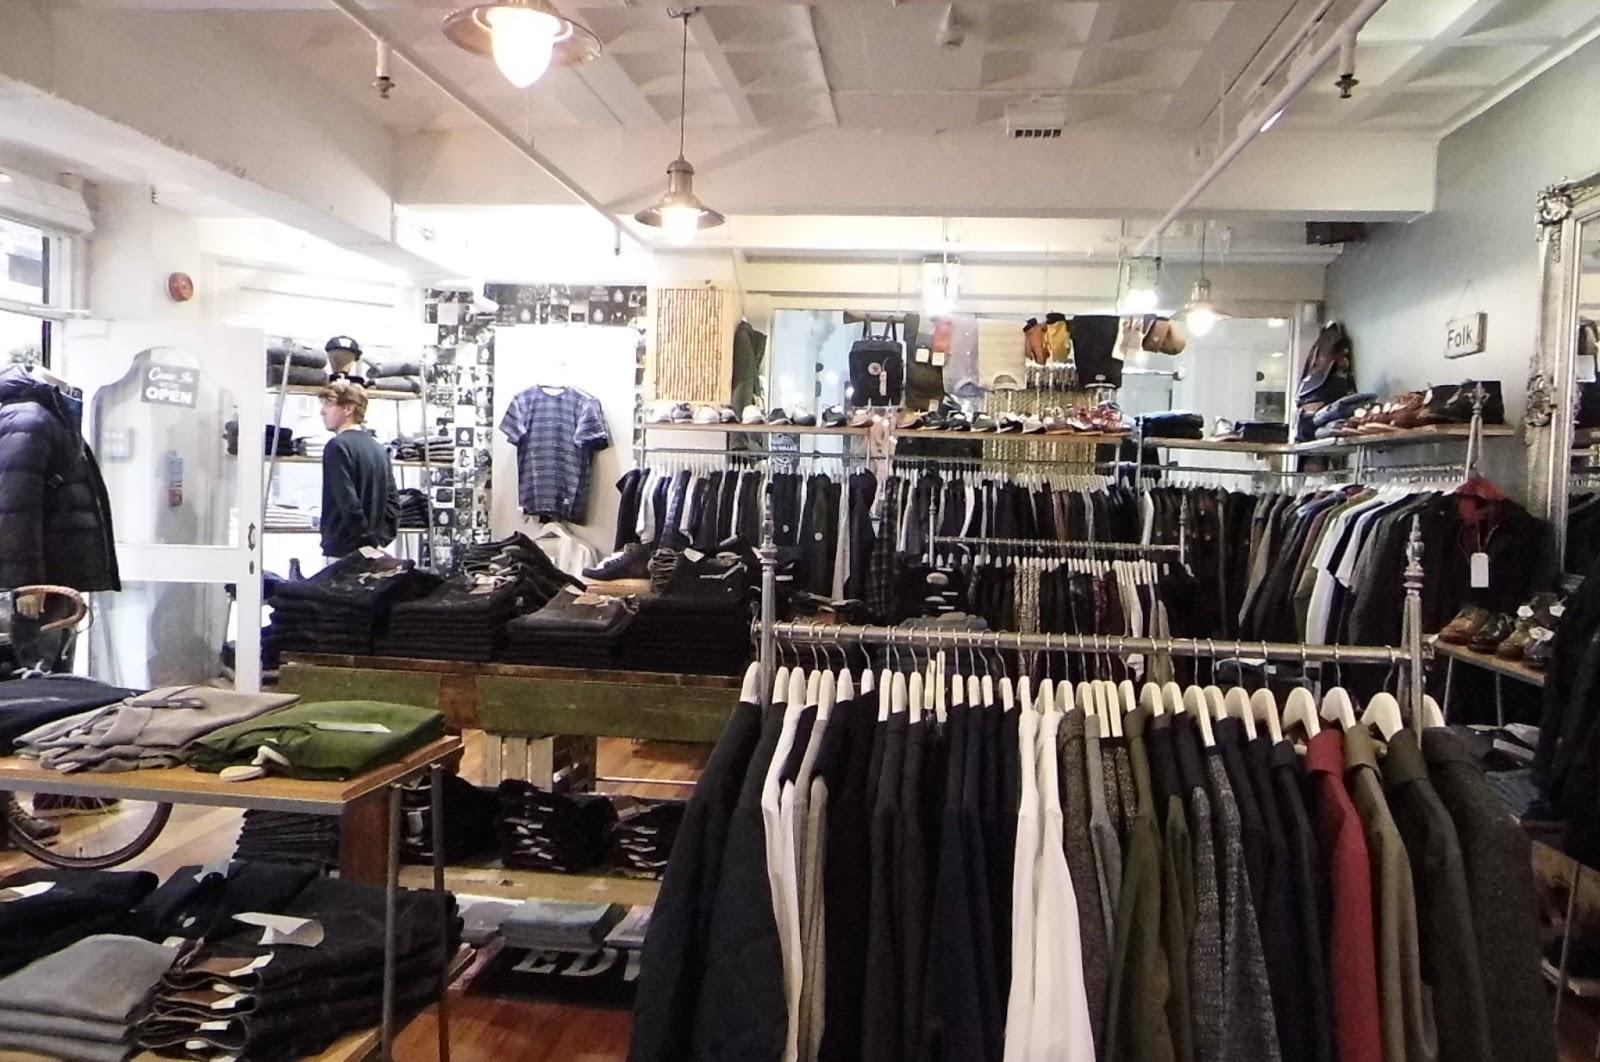 Source: Weavers Door Liverpool & MensNeedsBlog: Clobber: Store Review - Weavers Door - Liverpool Pezcame.Com